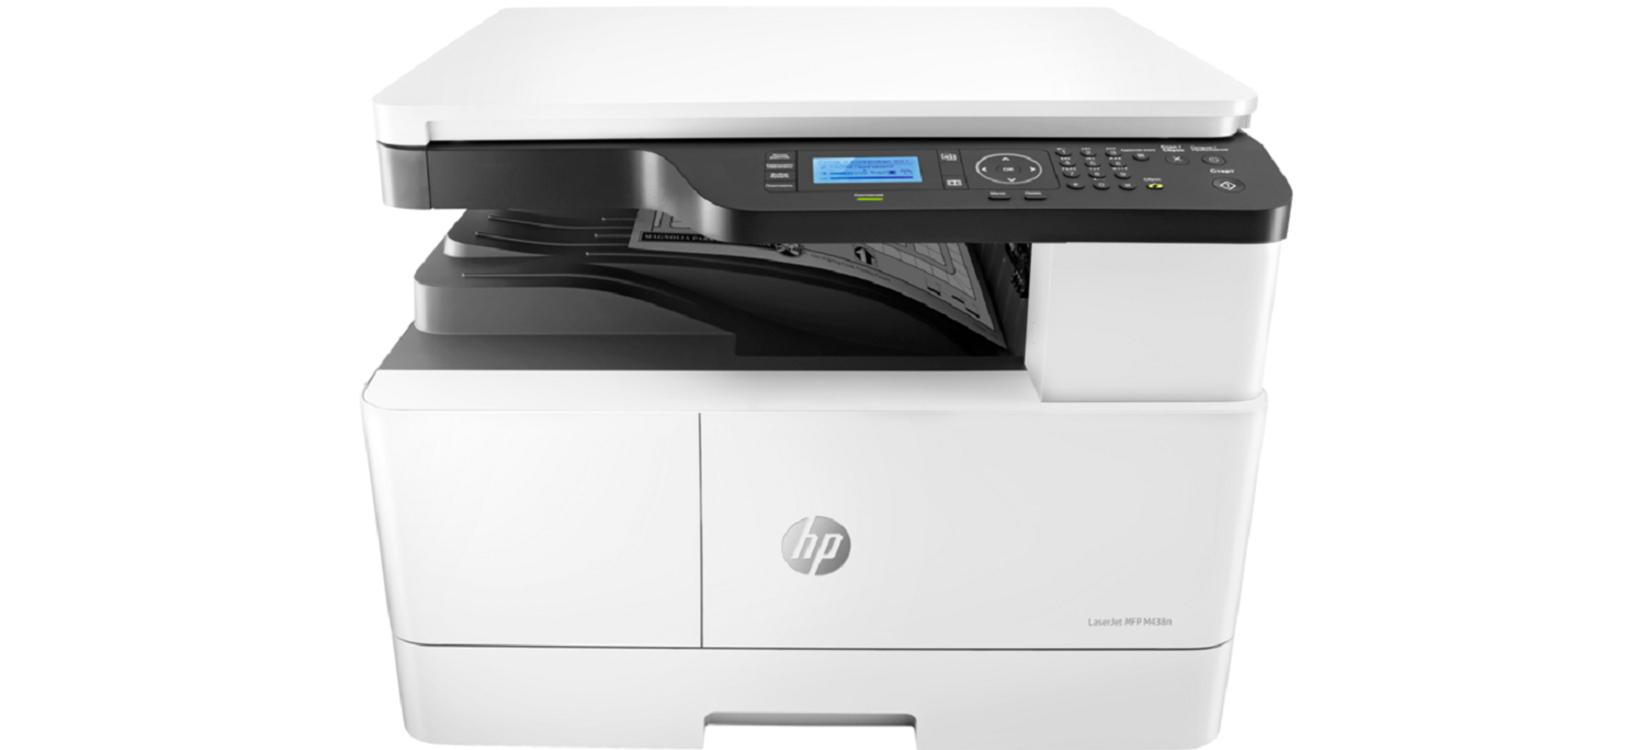 Máy quét HP ScanJet Enterprise Flow N9120 fn2 2